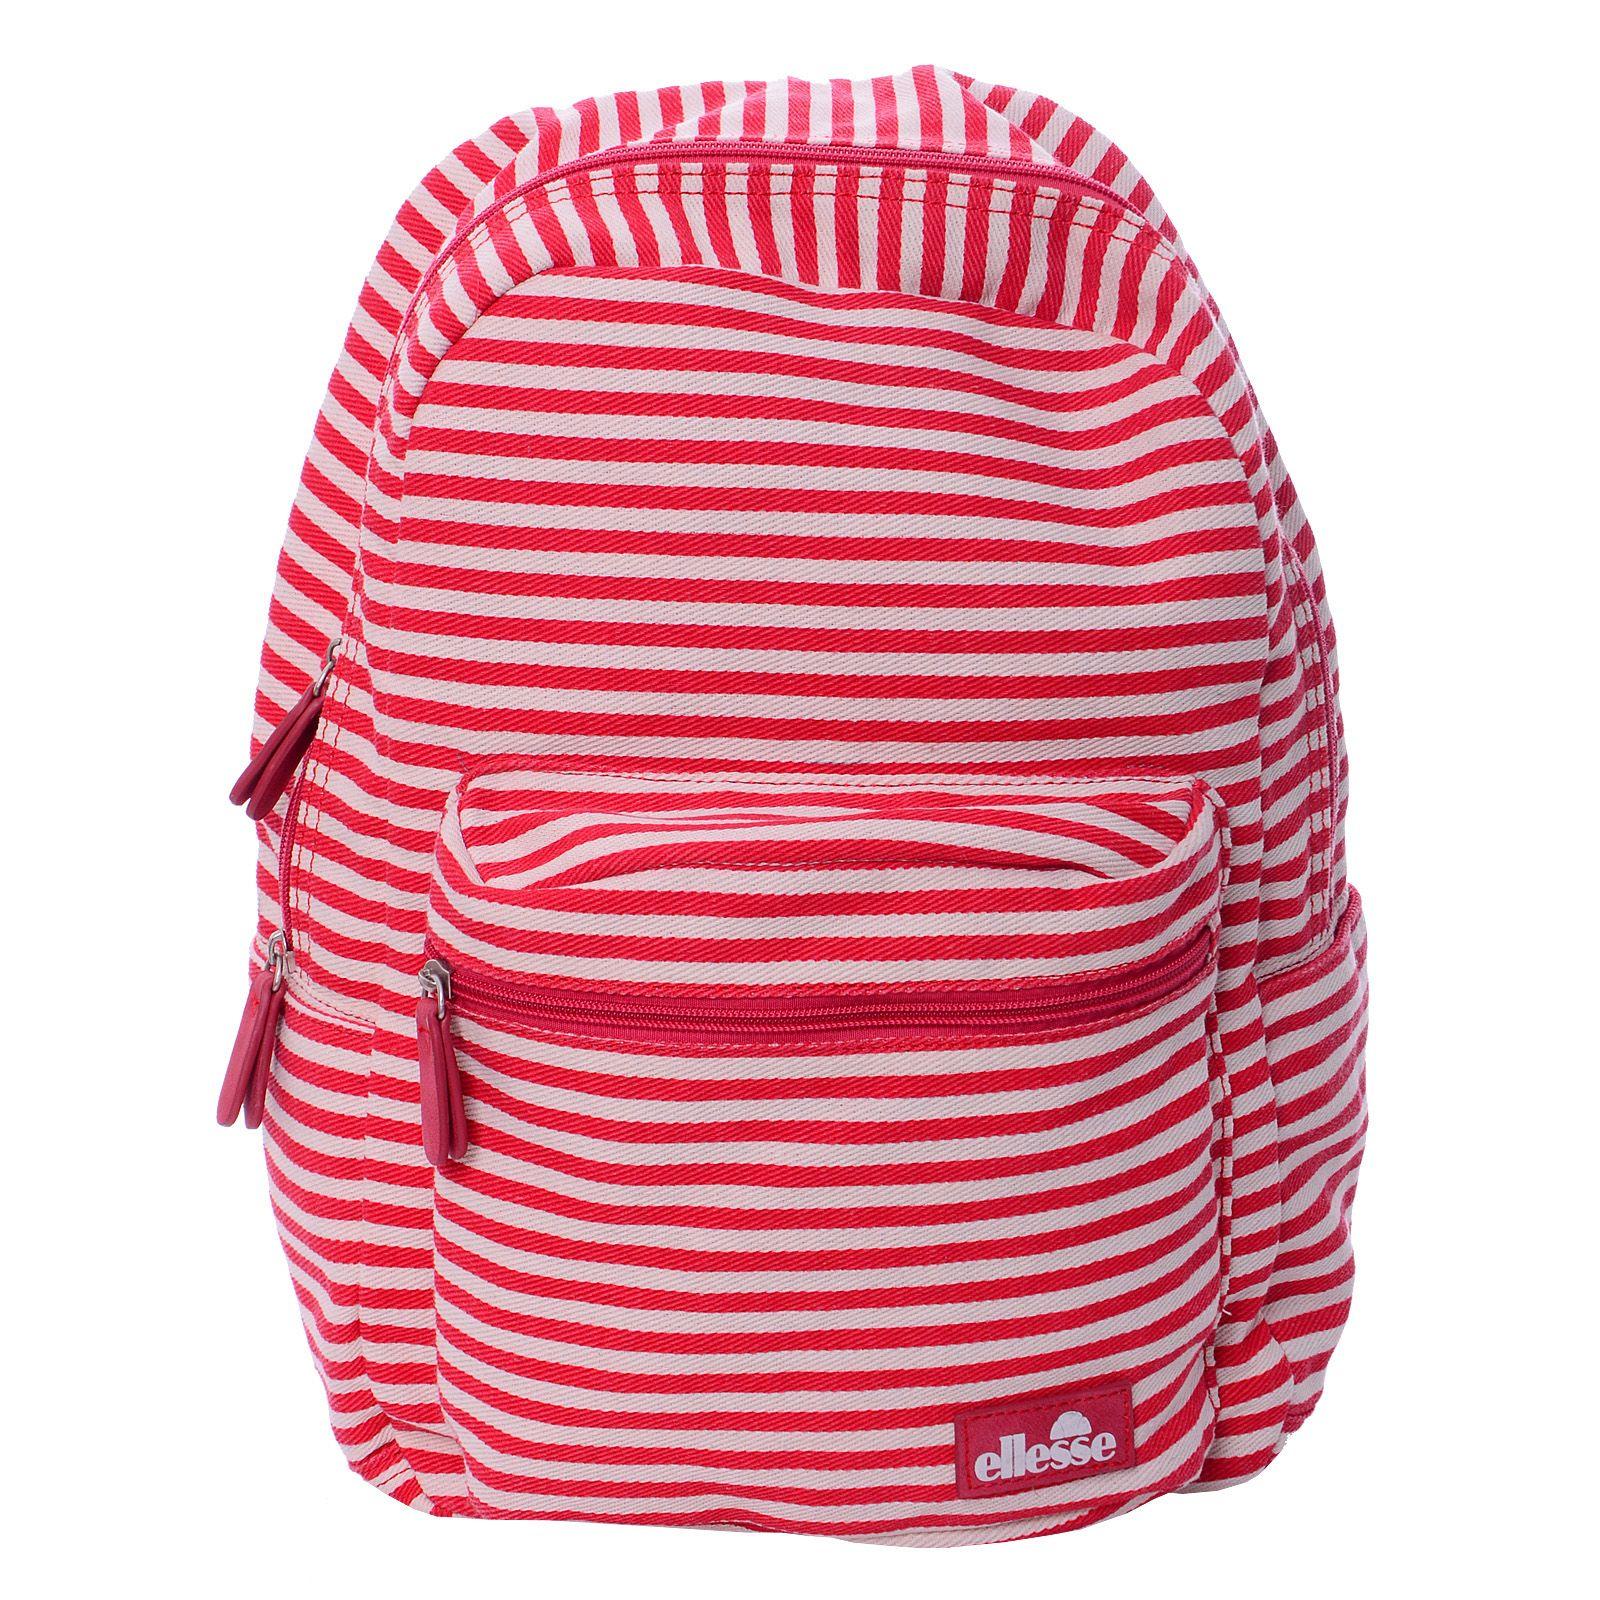 Proizvod Nije Pronađen želje Striped Backpack Backpacks